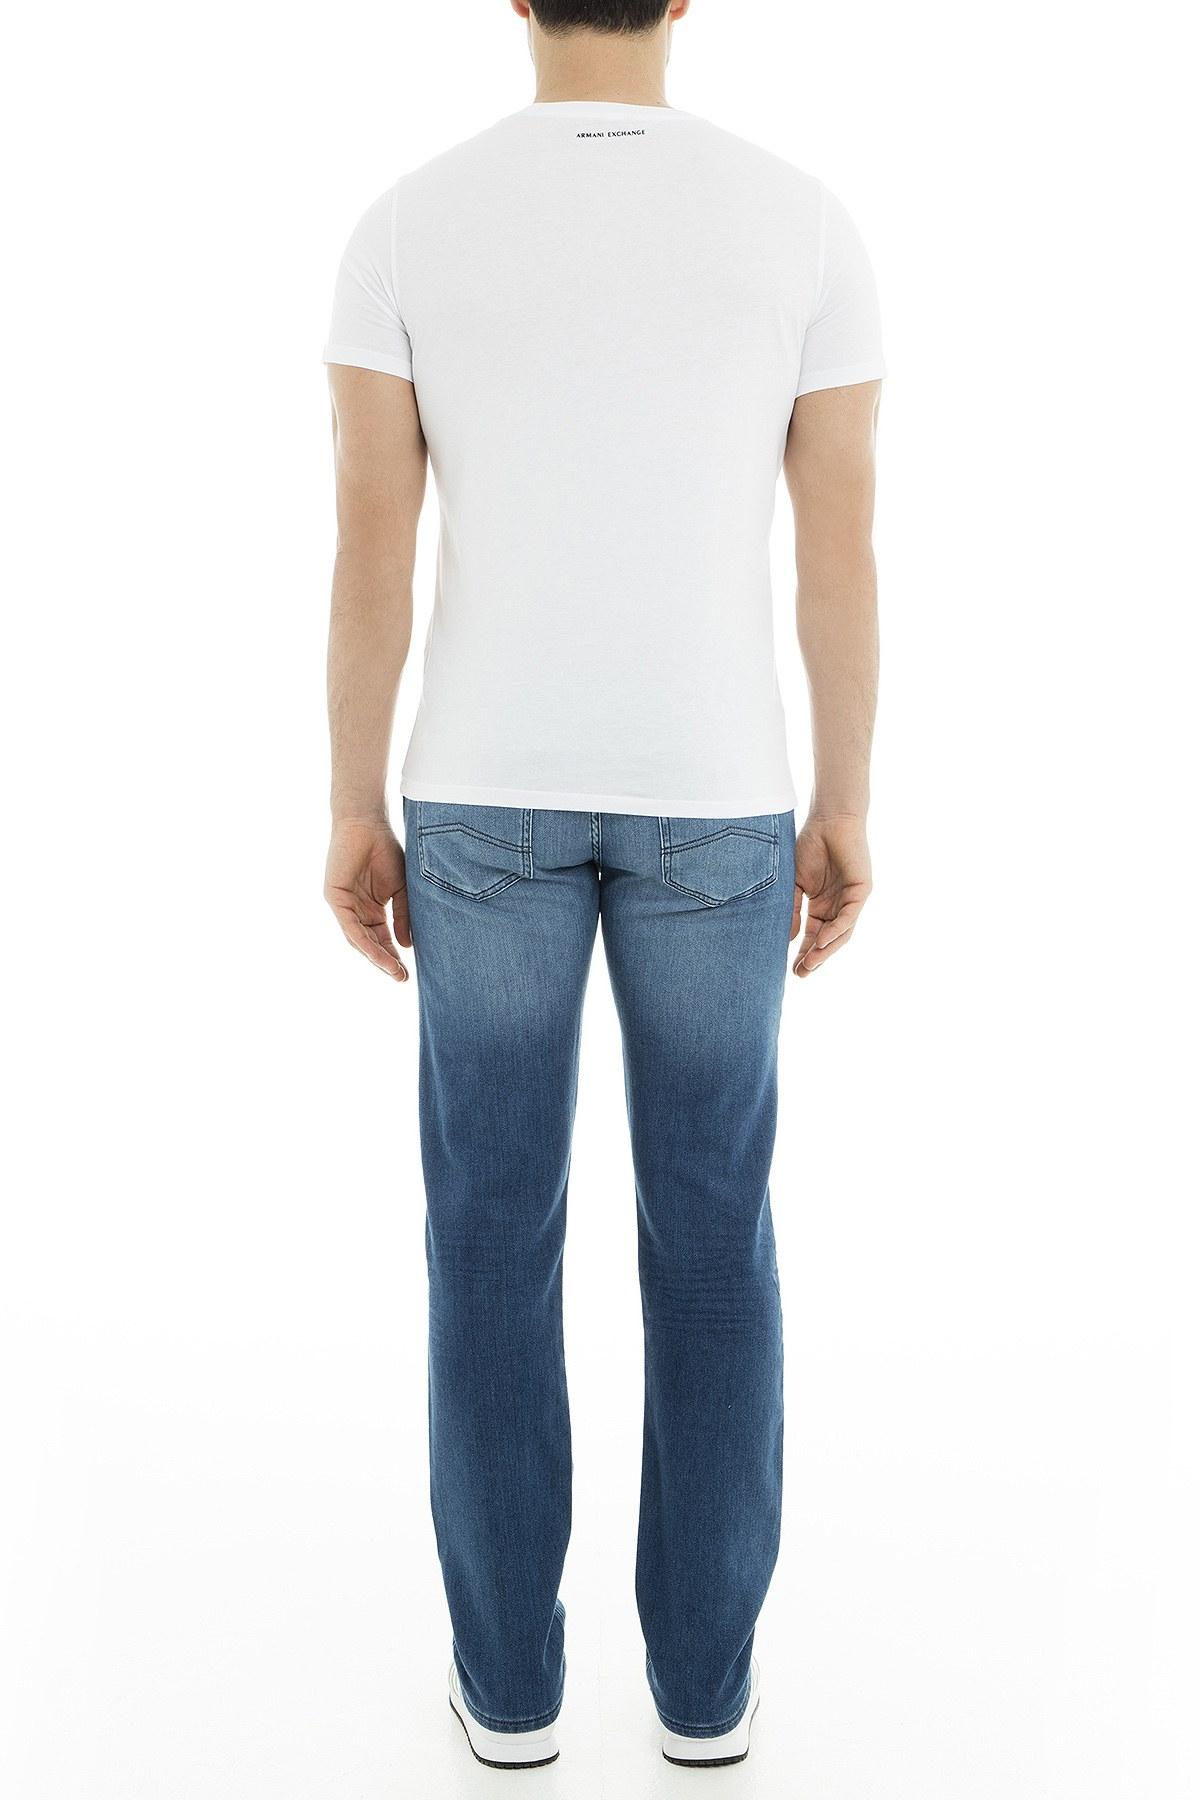 Armani Exchange J16 Jeans Erkek Kot Pantolon 3GZJ16 Z1QMZ 1500 İNDİGO